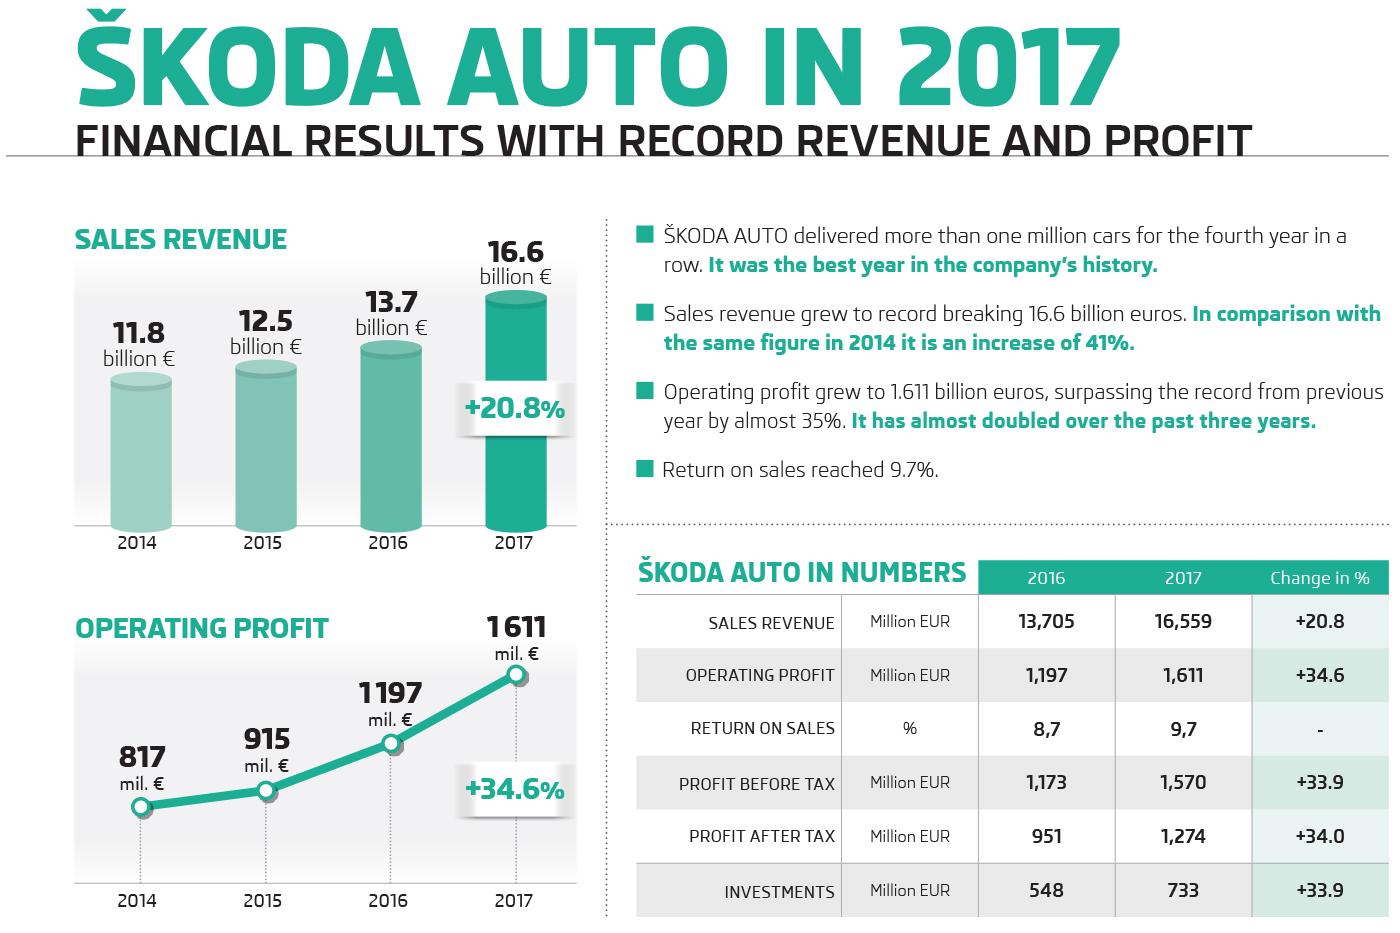 ŠKODA AUTO erzielt 2017 neue Rekorde bei Fahrzeugauslieferungen und Finanzergebnissen